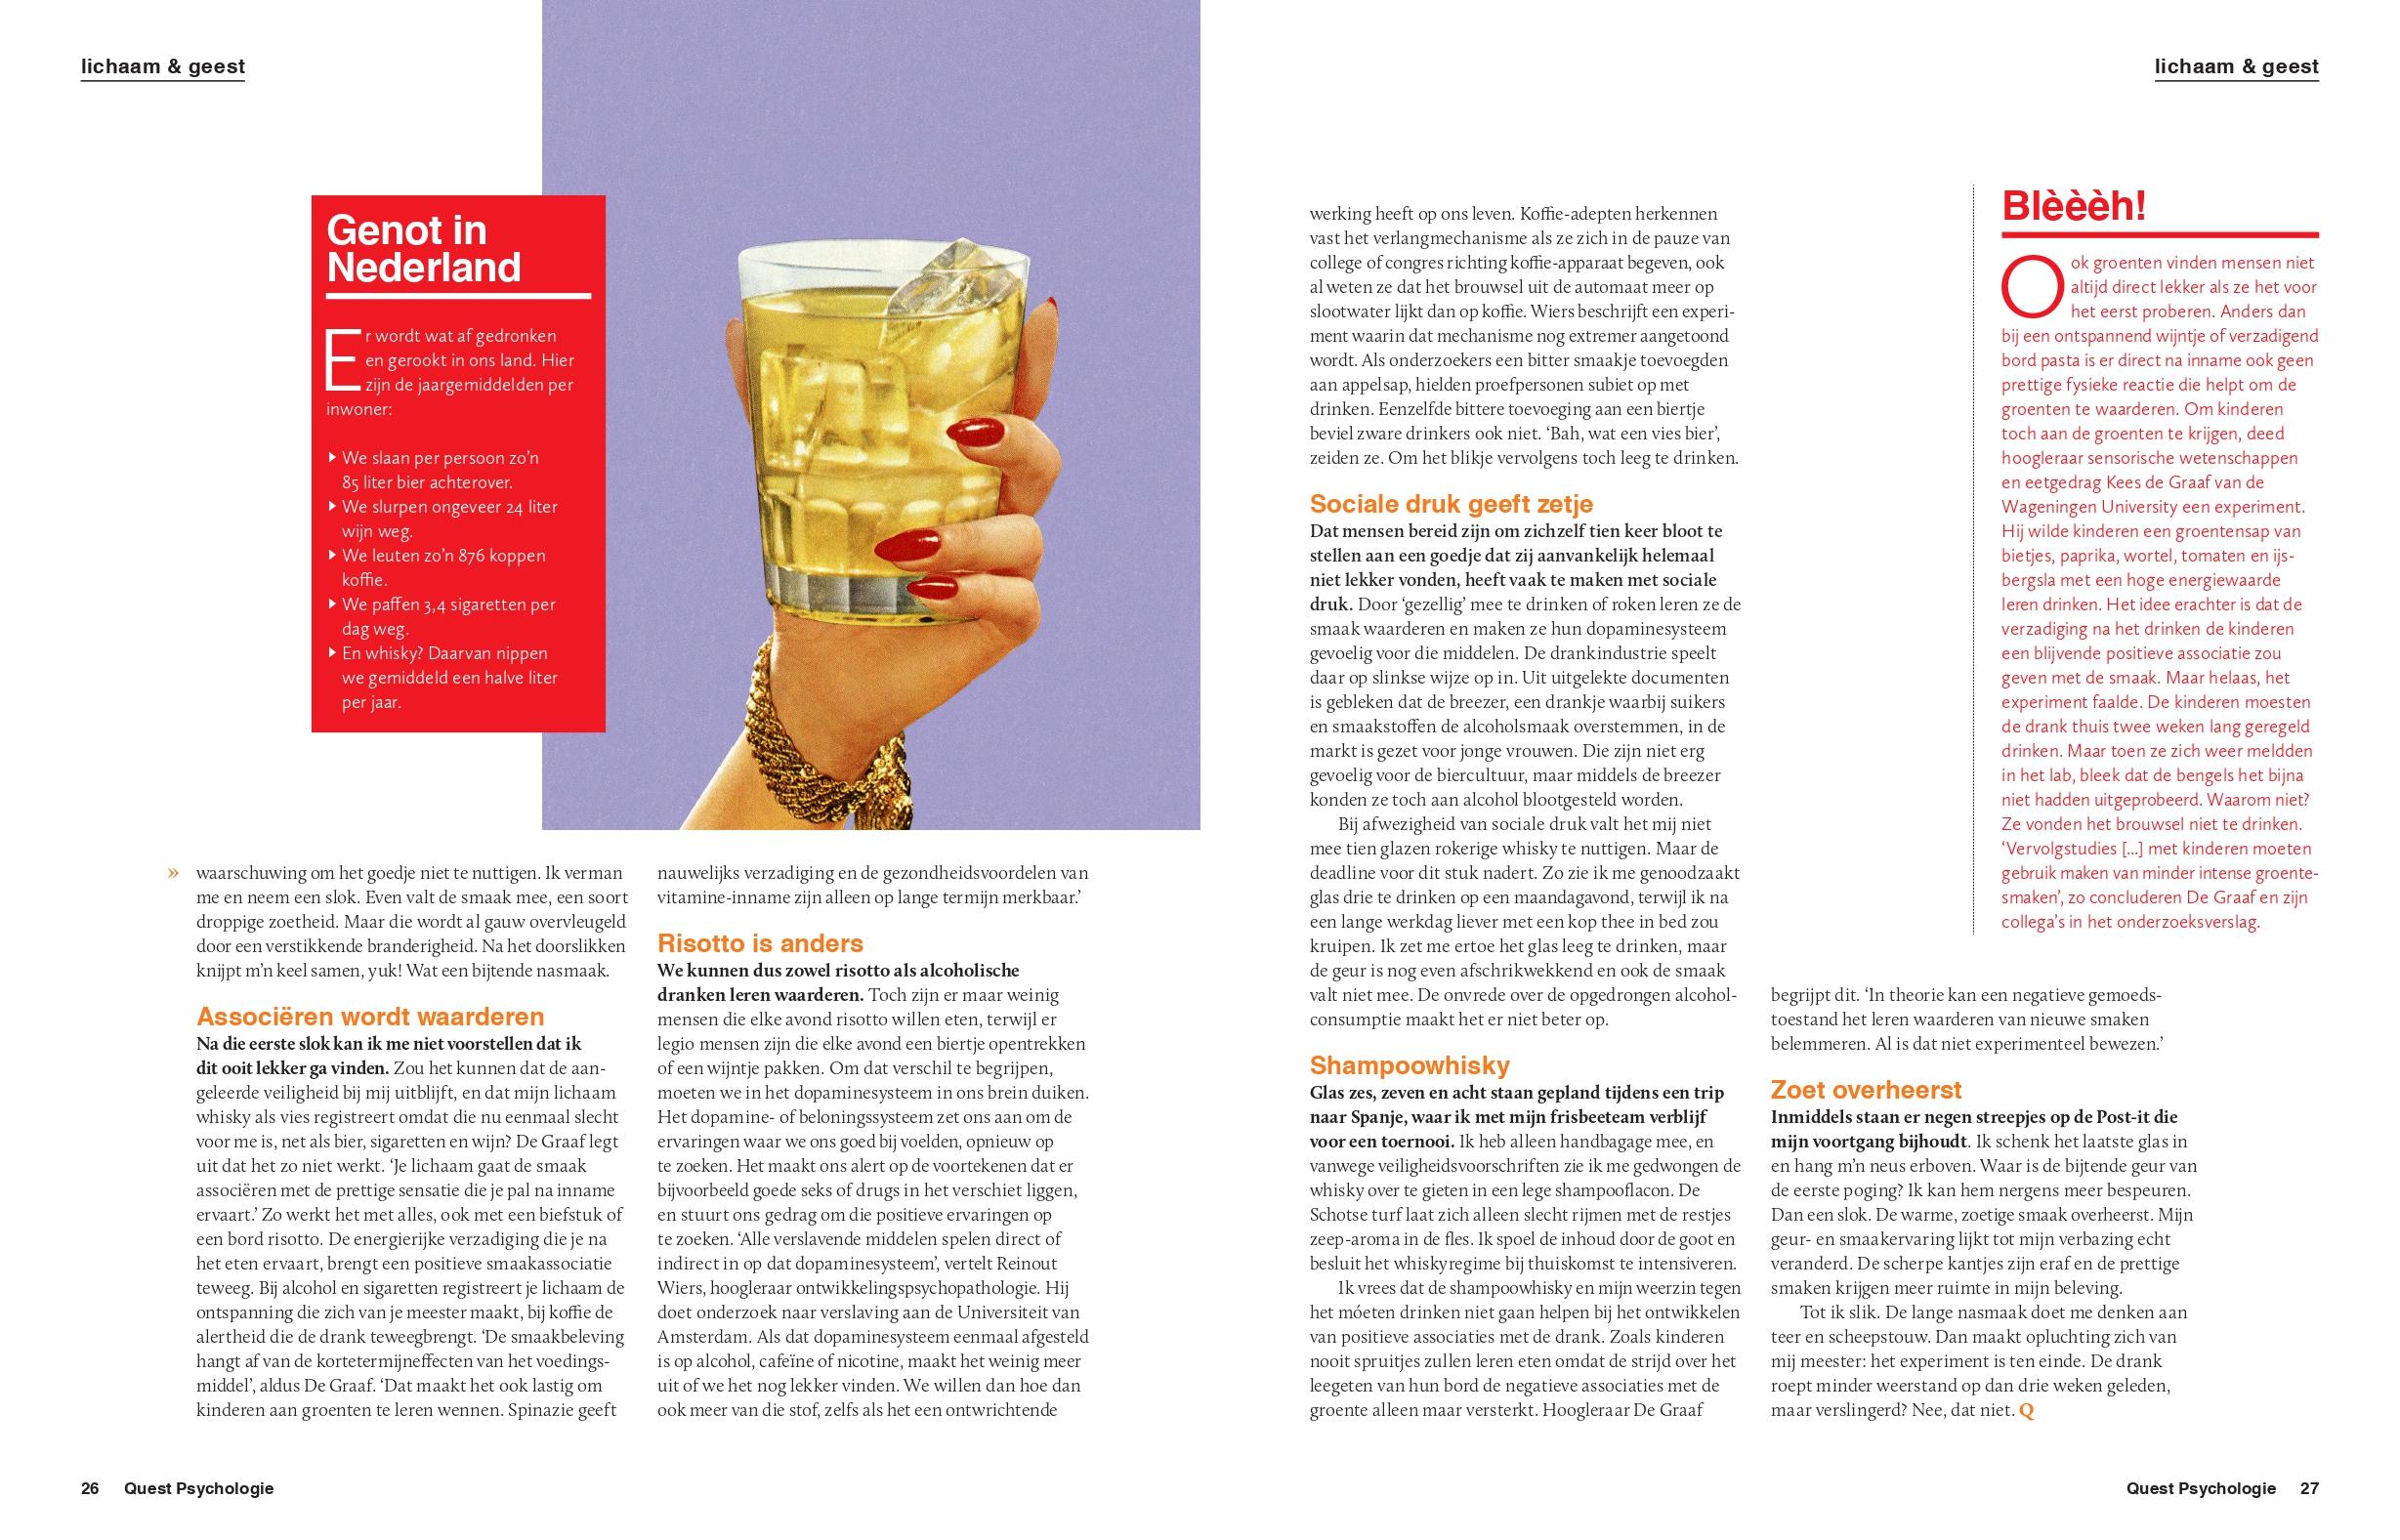 Quest Psychologie - Whiskey gaan lusten_page-0002.jpg